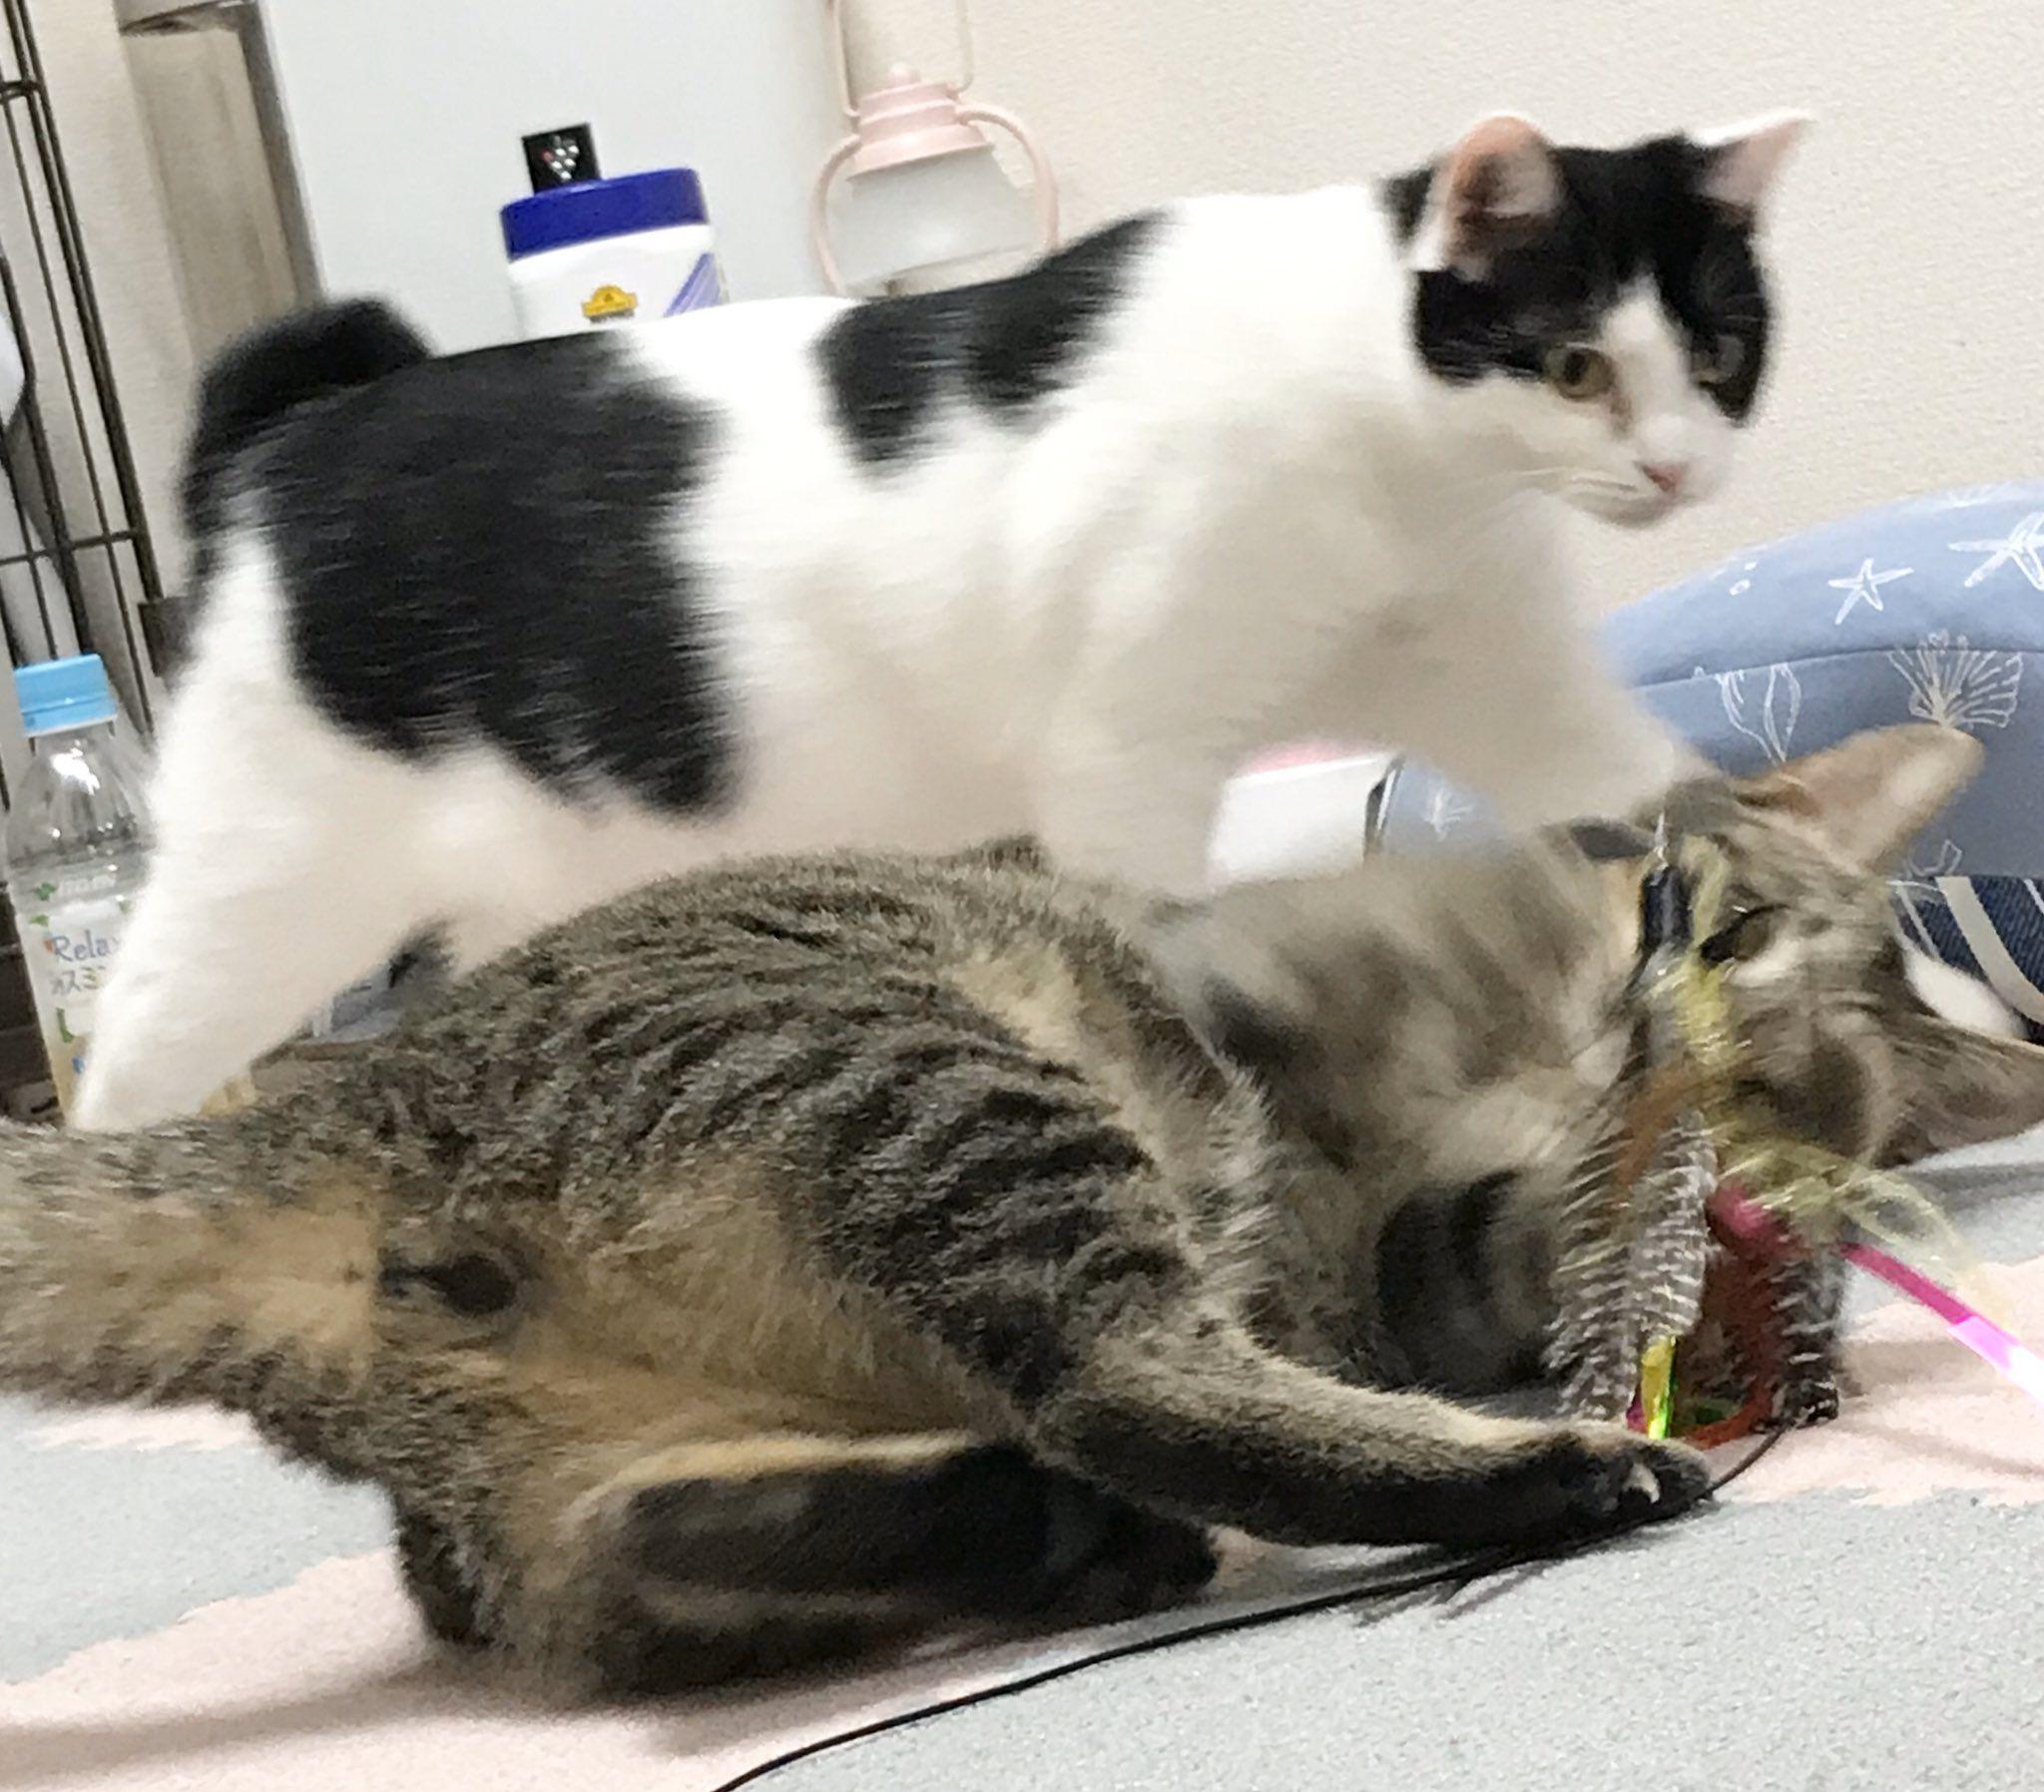 保護猫ルーム Wasao On Twitter Cat Room Cats Animals